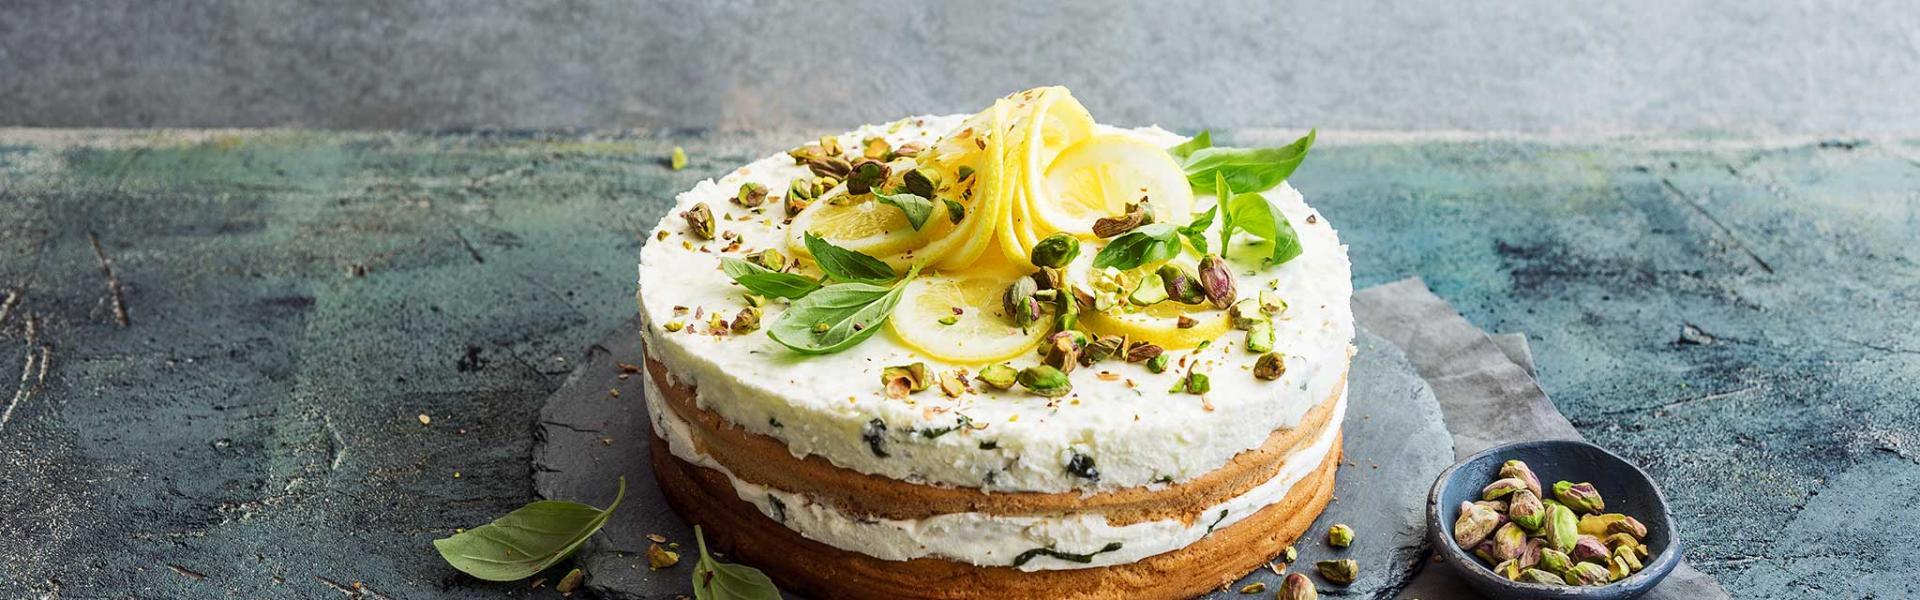 Zitronentorte auf einer Kuchenplatte.